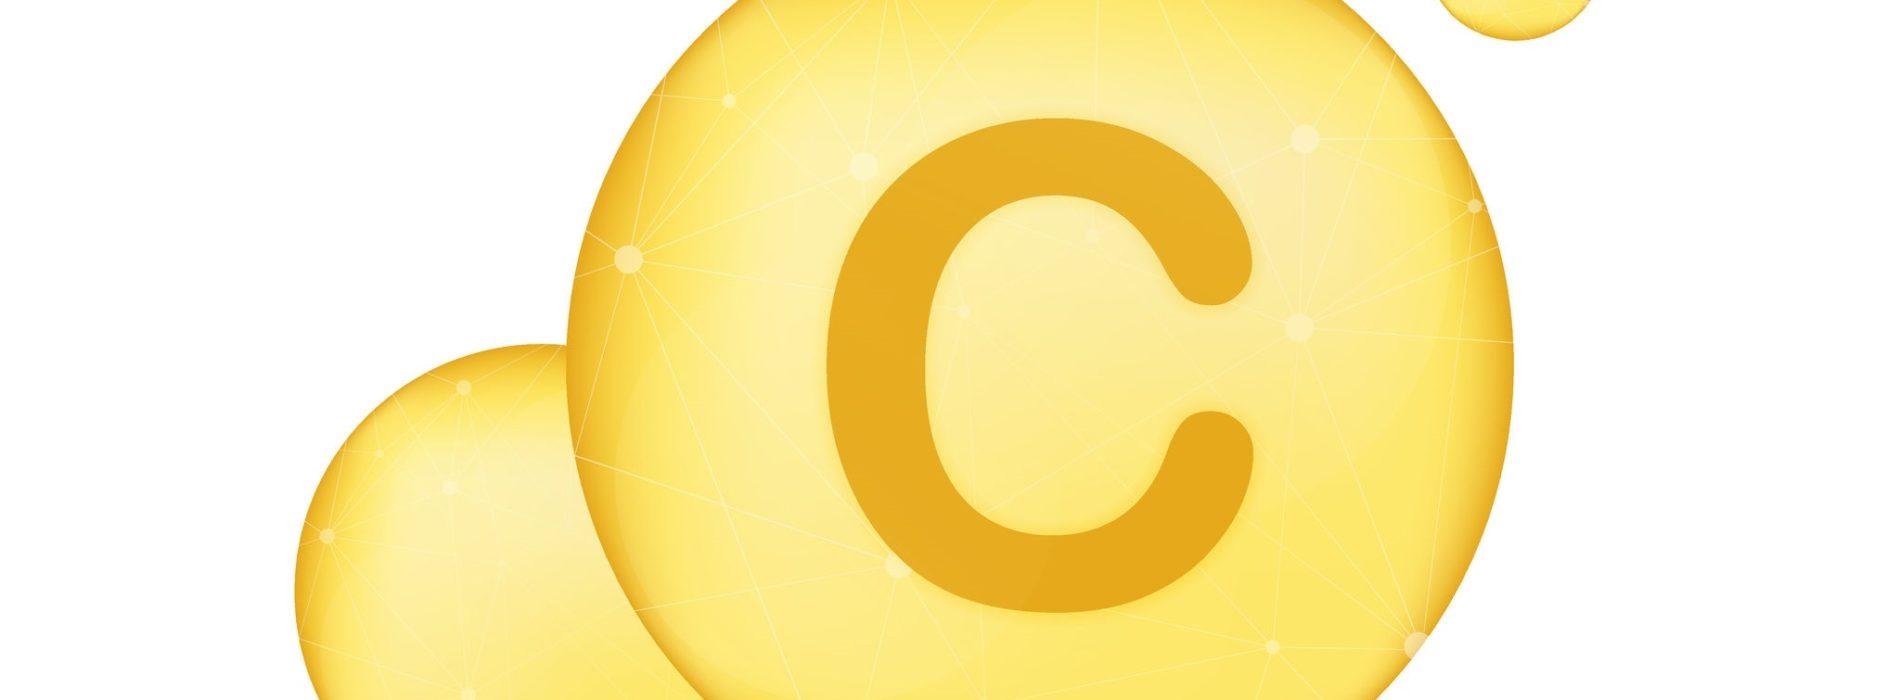 Witamina C liposomalna – Właściwości i dawkowanie